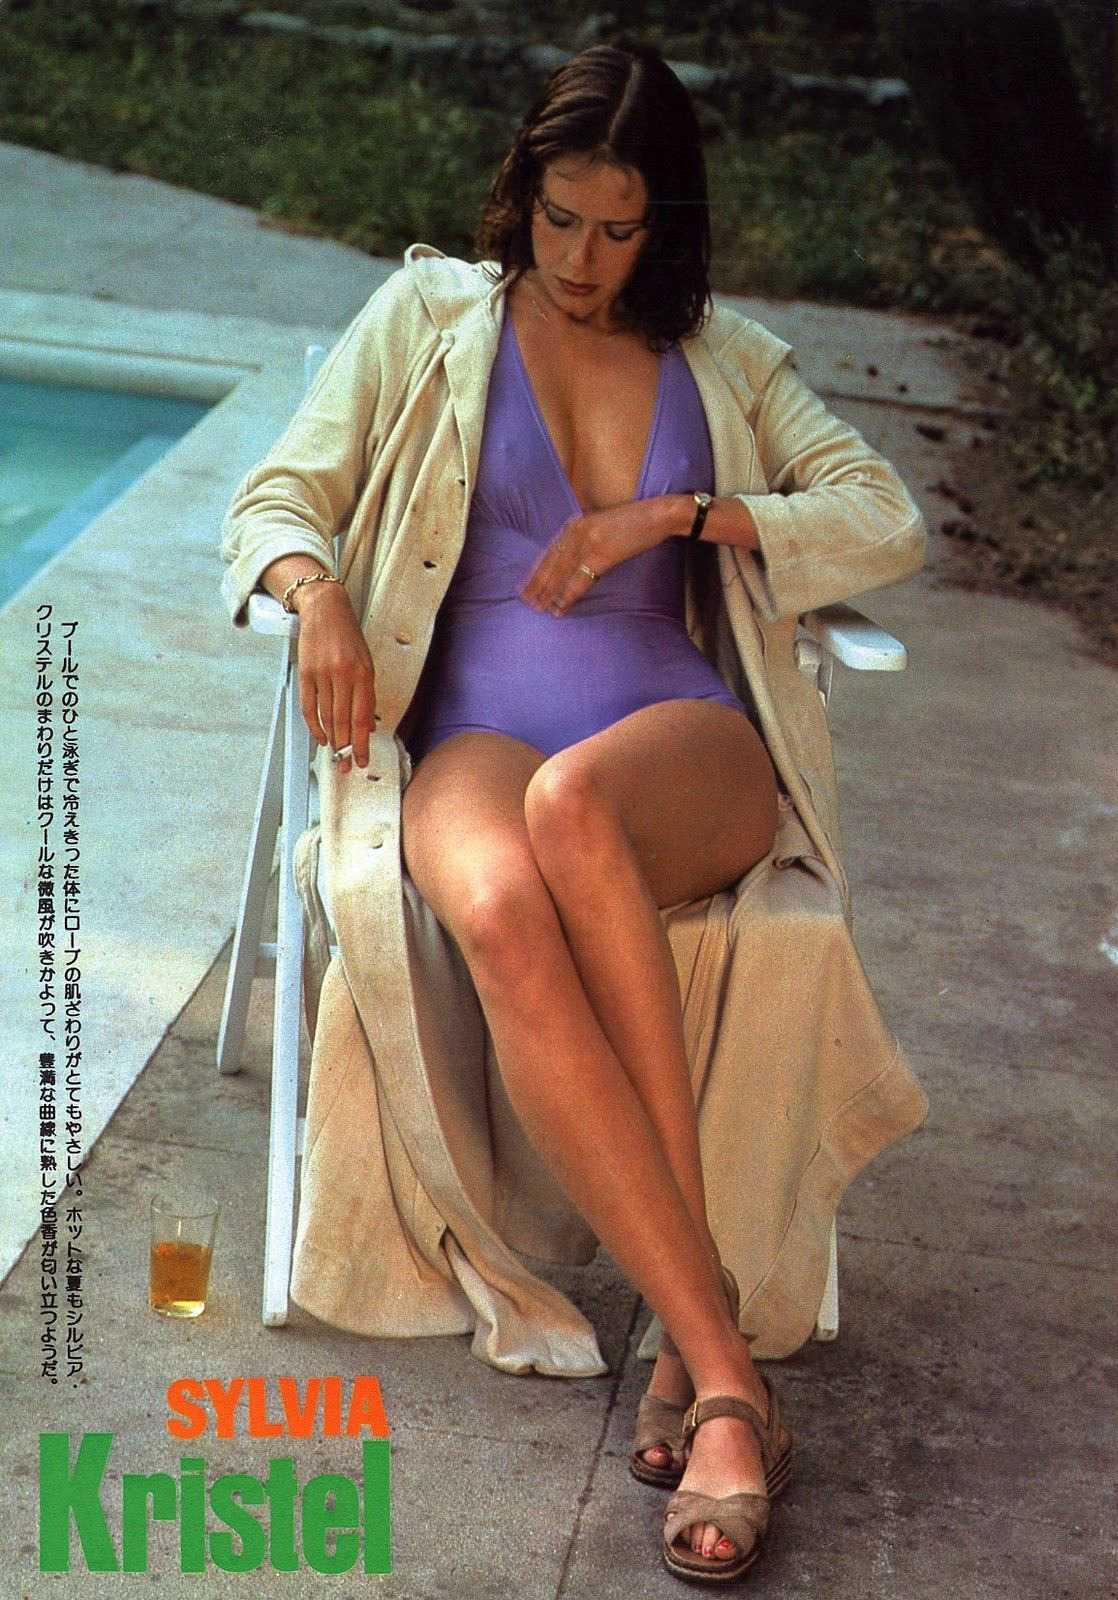 Sylvia Kristel bare feet